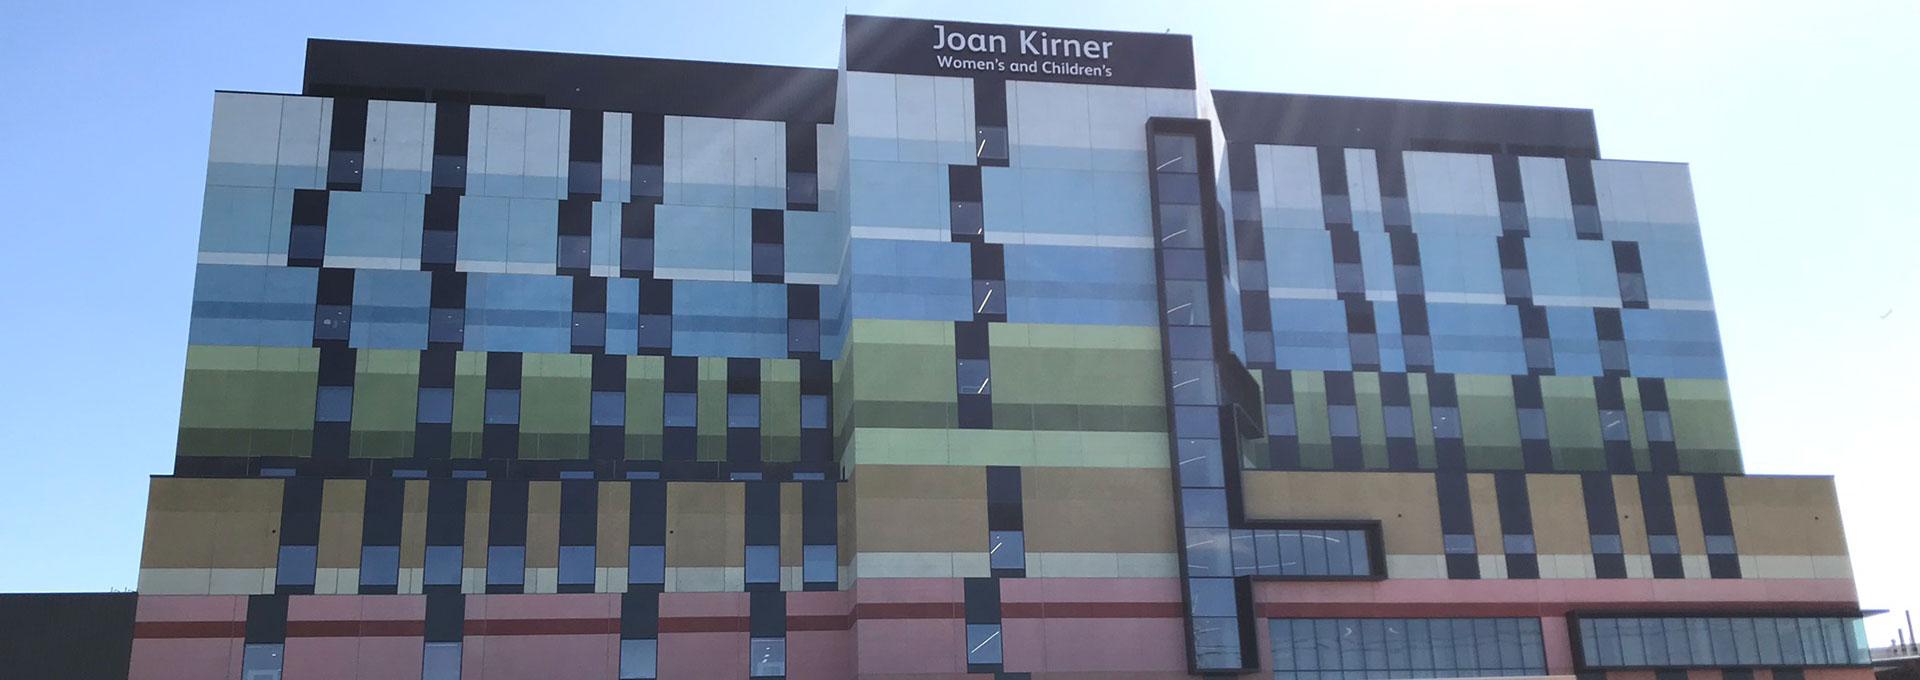 Joan-Kirner-Image-1-web